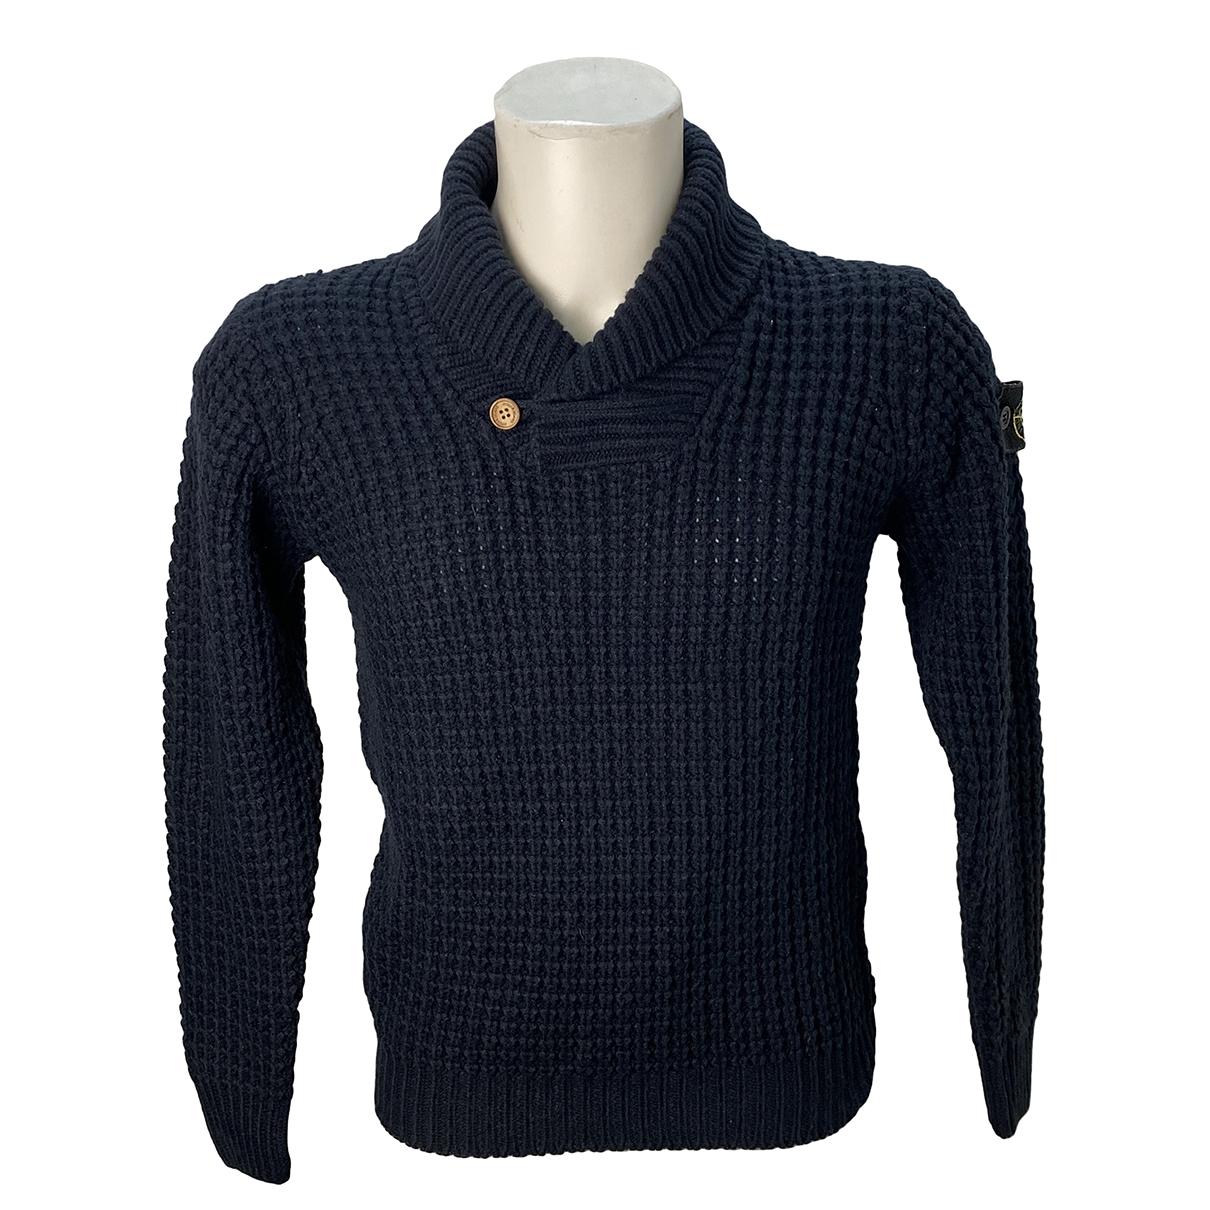 Stone Island - Pulls.Gilets.Sweats   pour homme en laine - bleu